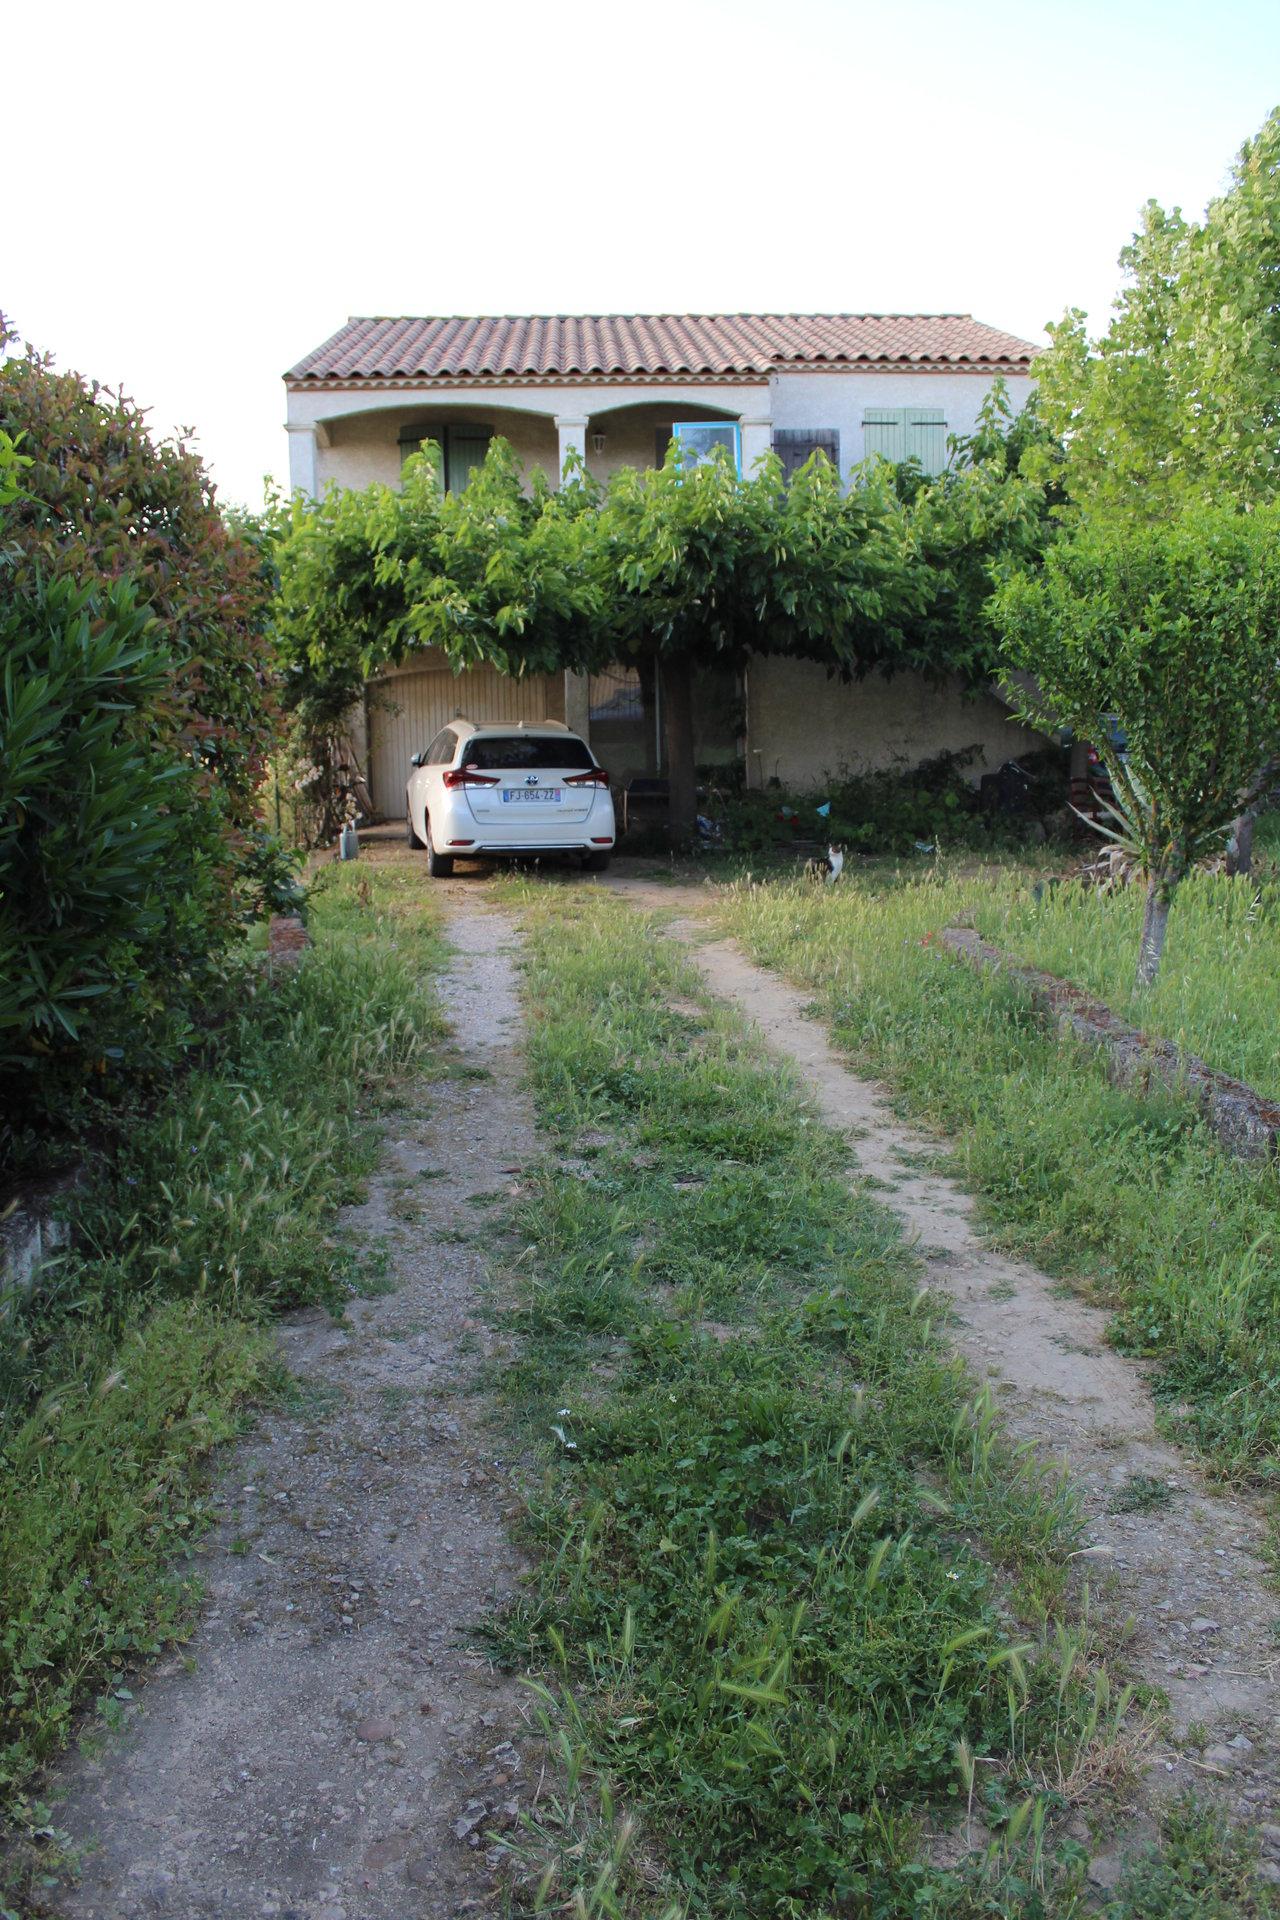 Vergèze - Maison avec garage et jardin - 237 500 €